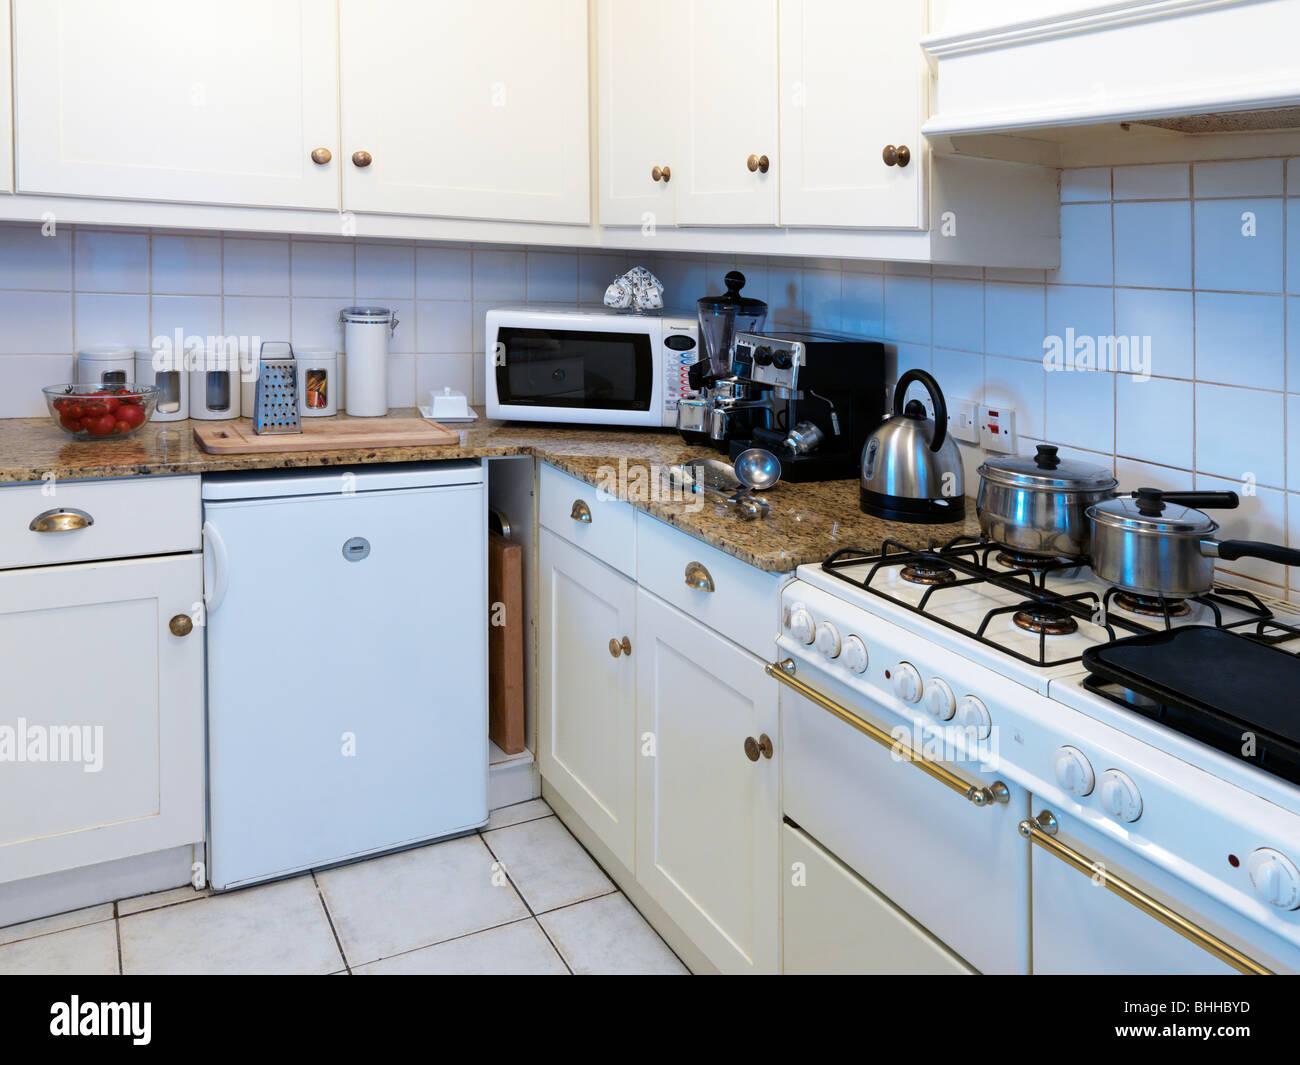 Una cucina con oggetti metallici in vista, frigo, forno, stoviglie ...